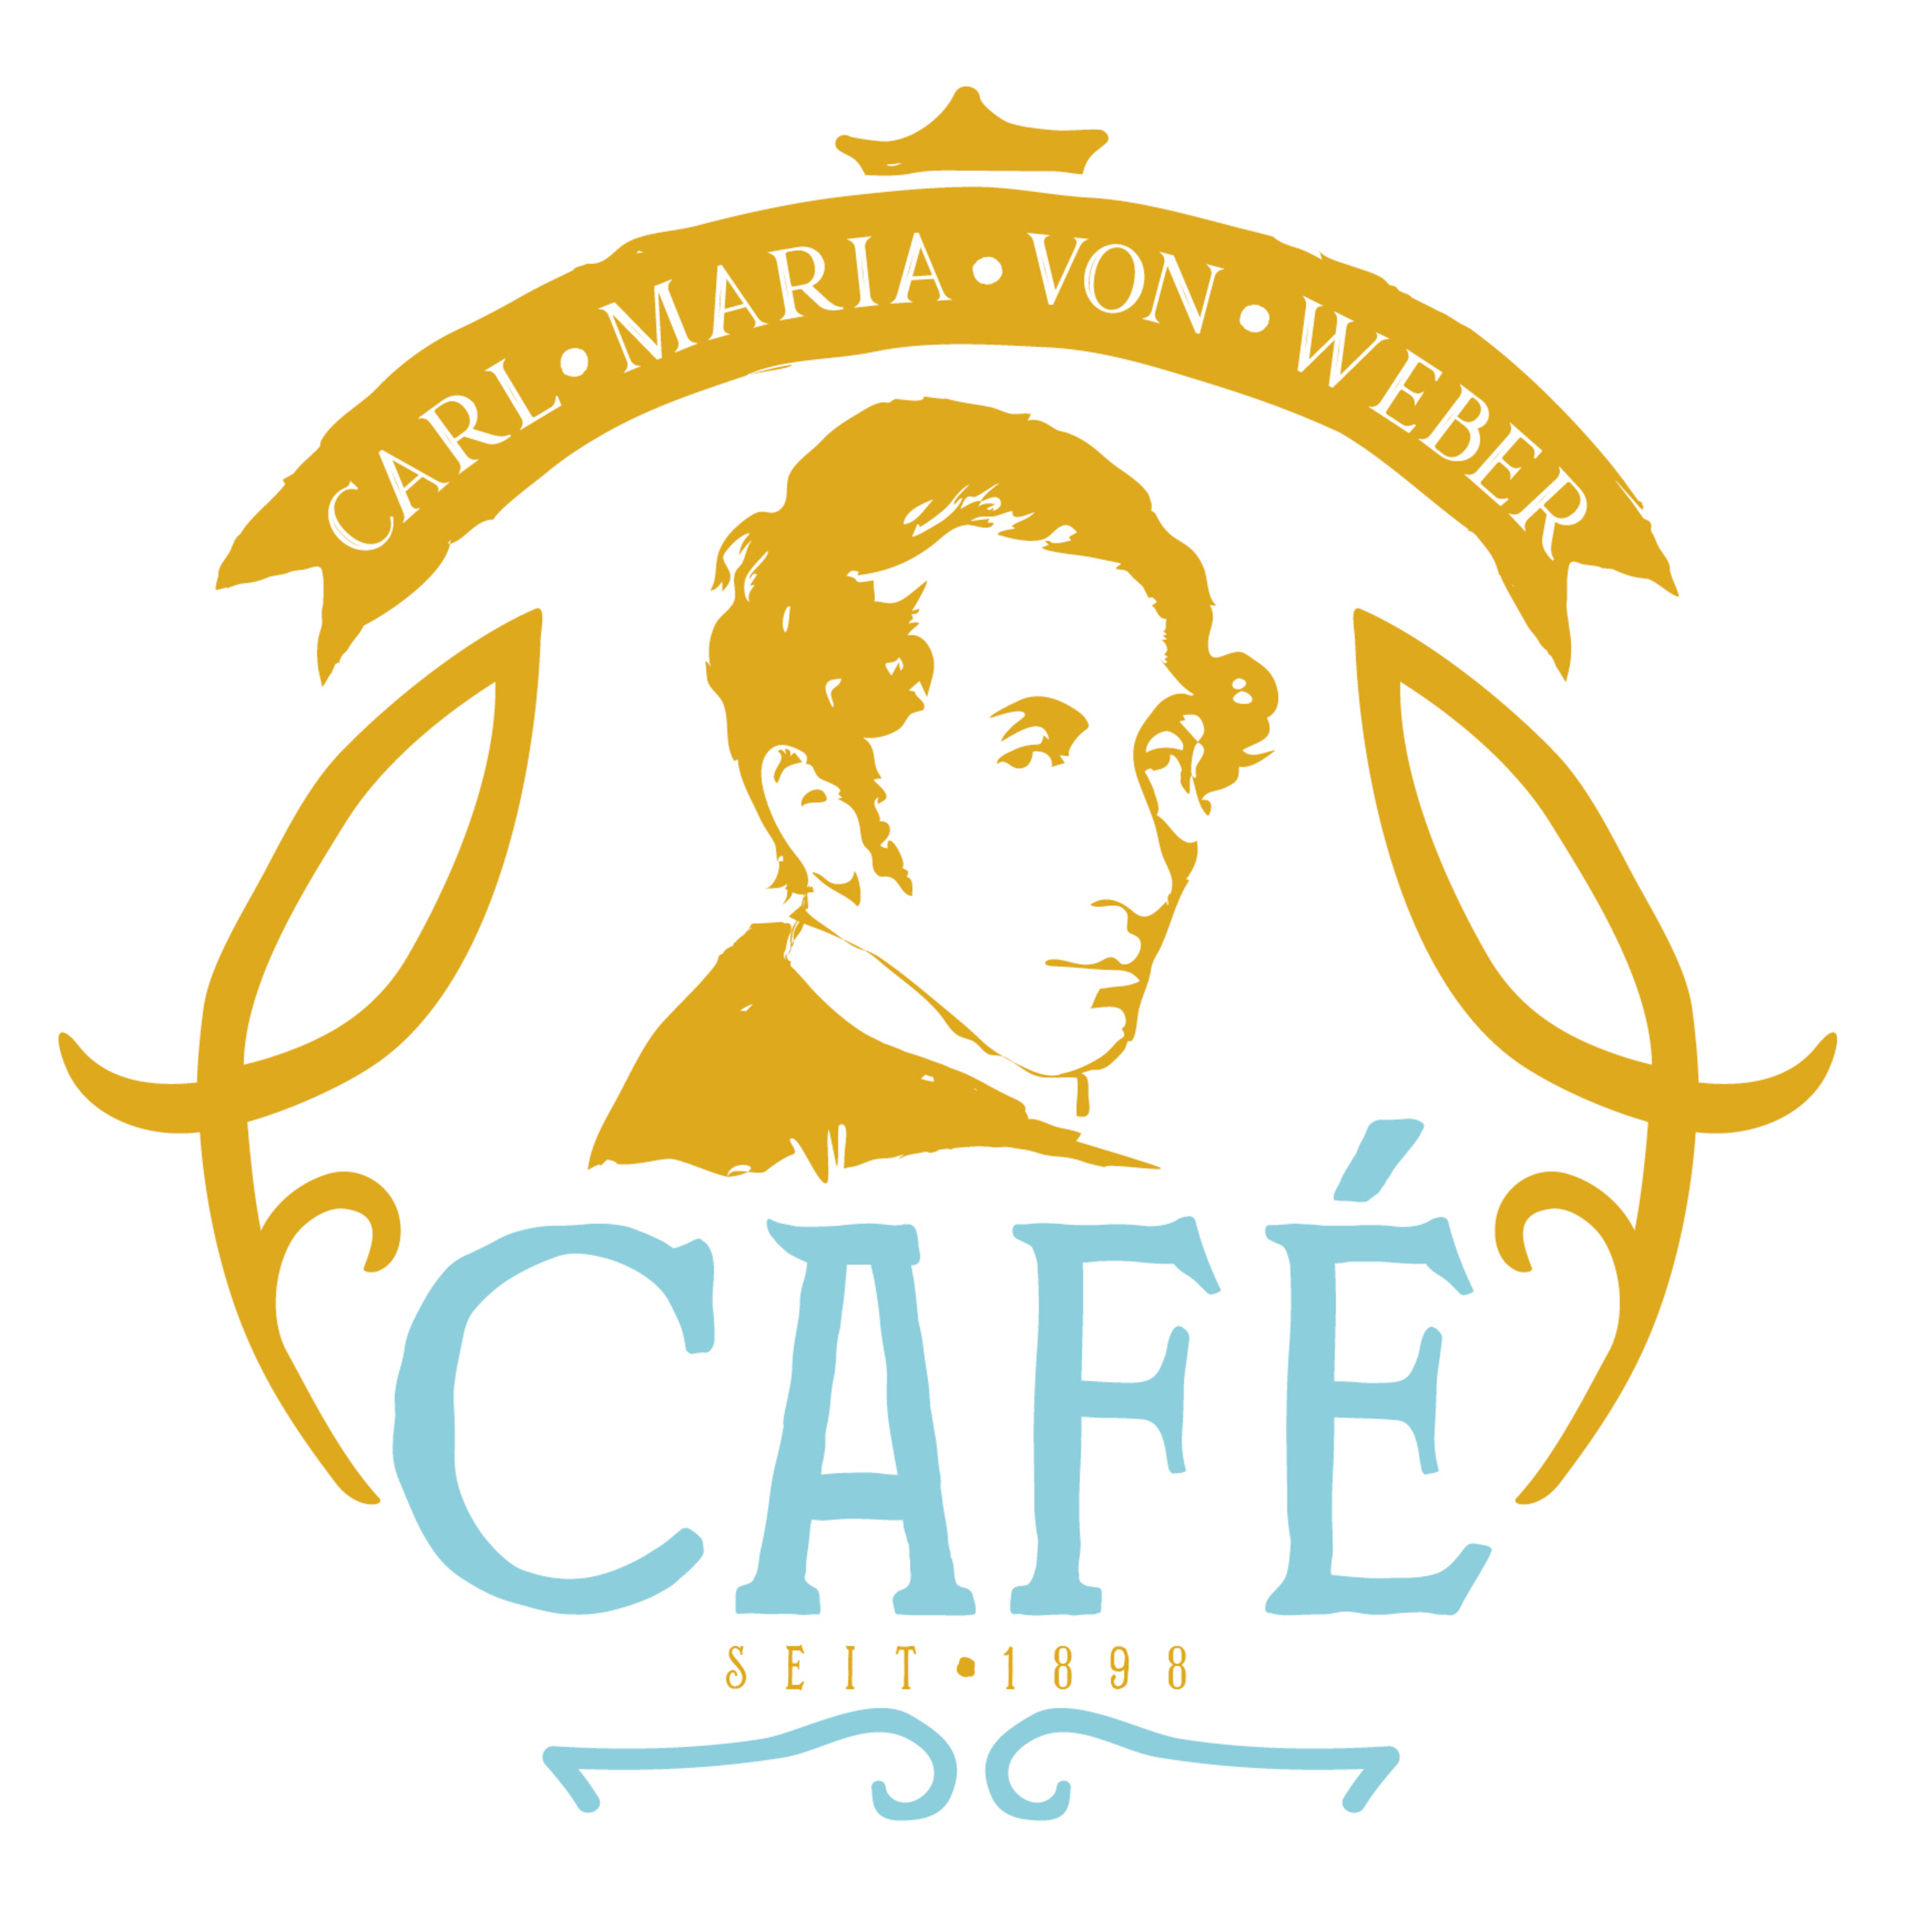 Weber Cafe